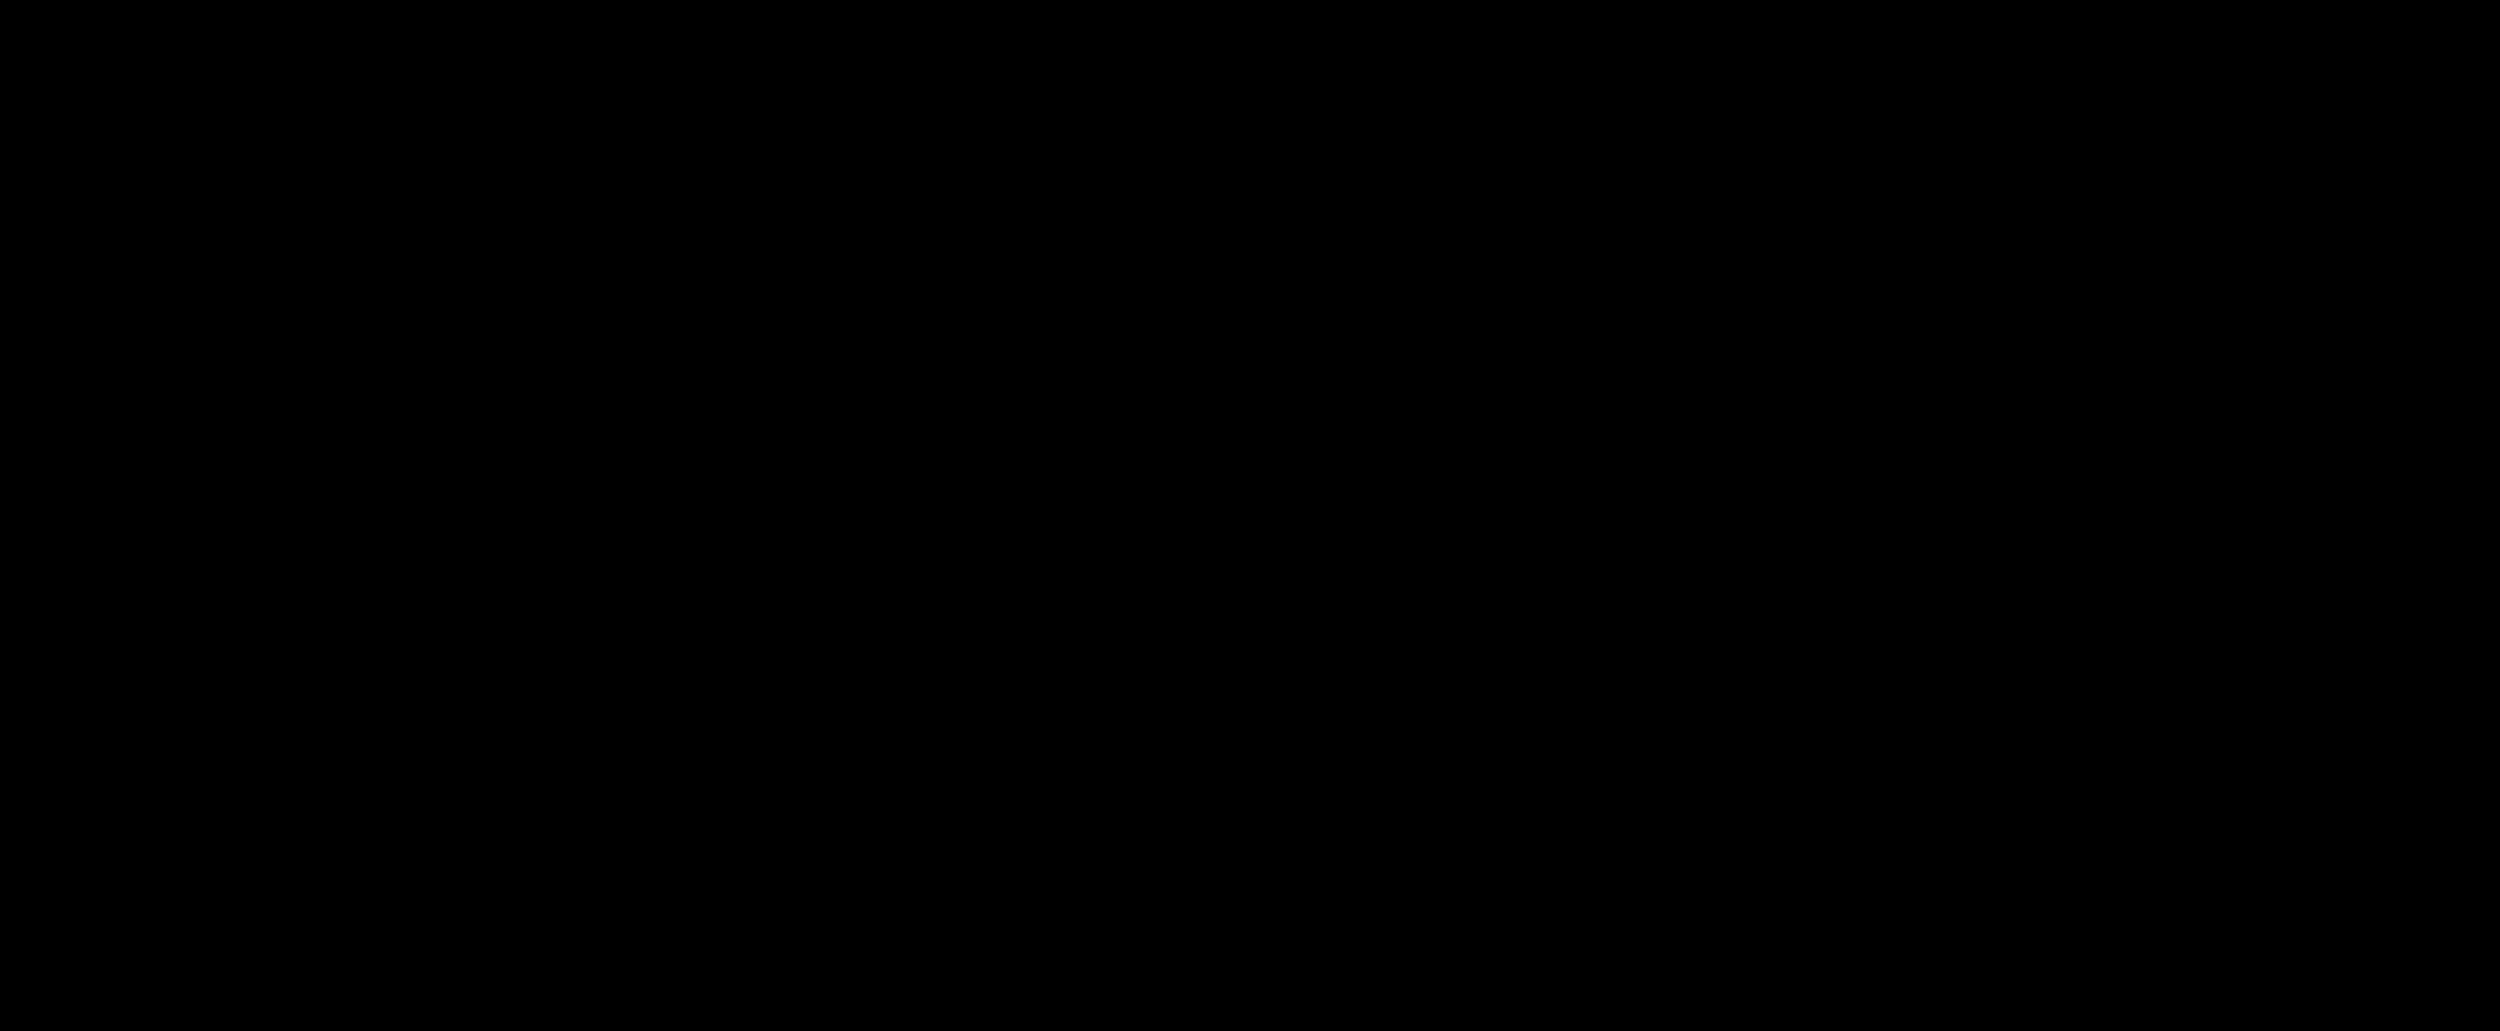 Vegan Logos-01.png